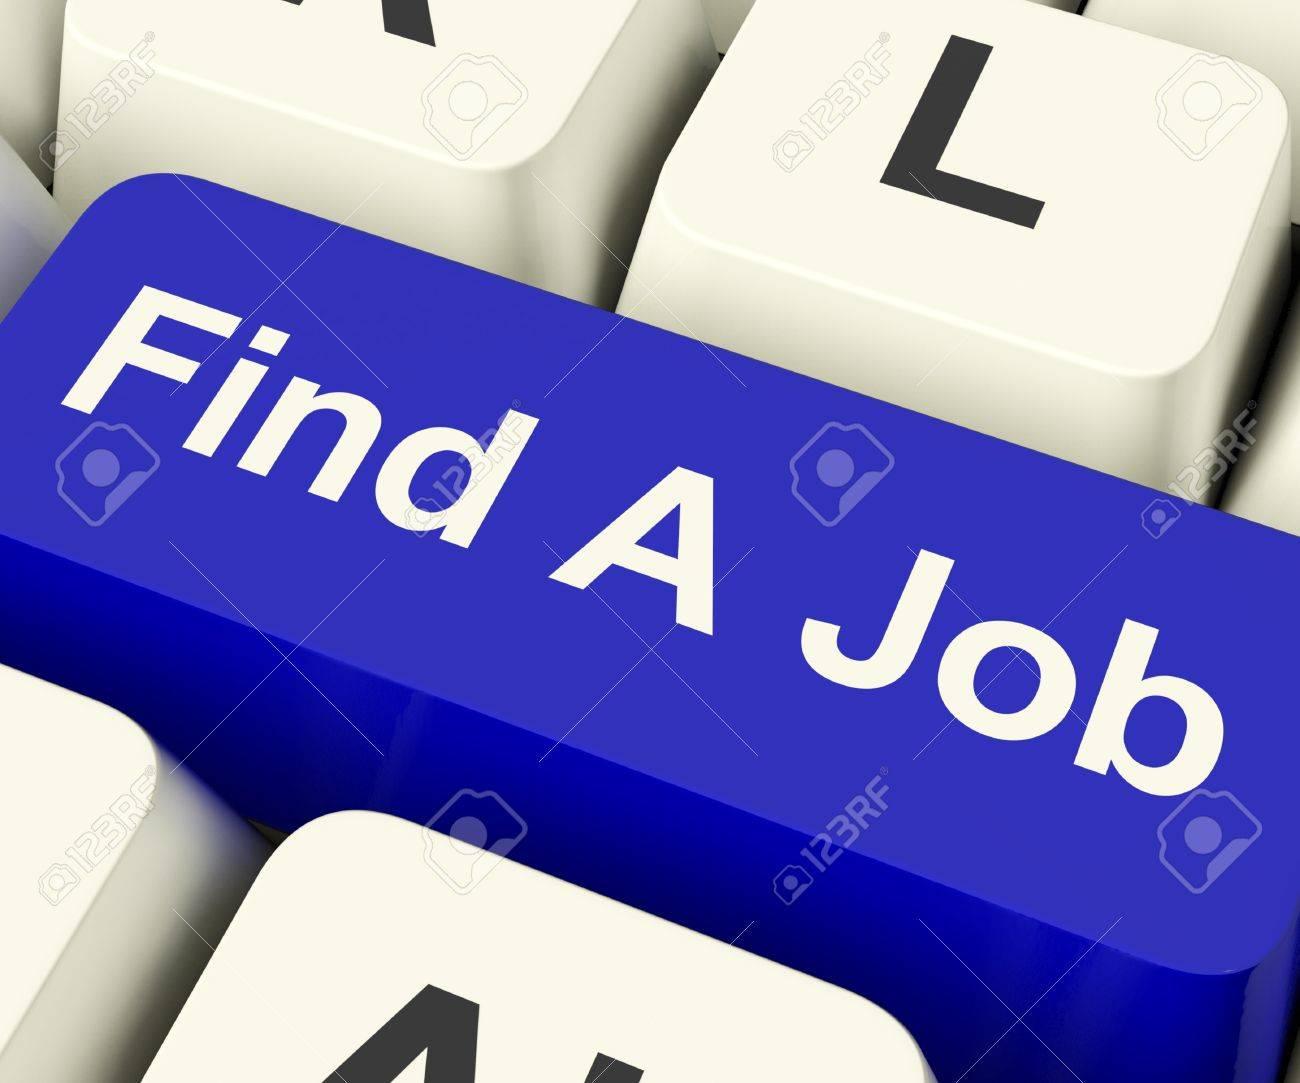 Buscar Una Tecla De Computadora De Trabajo Muestra El Trabajo Y La ...